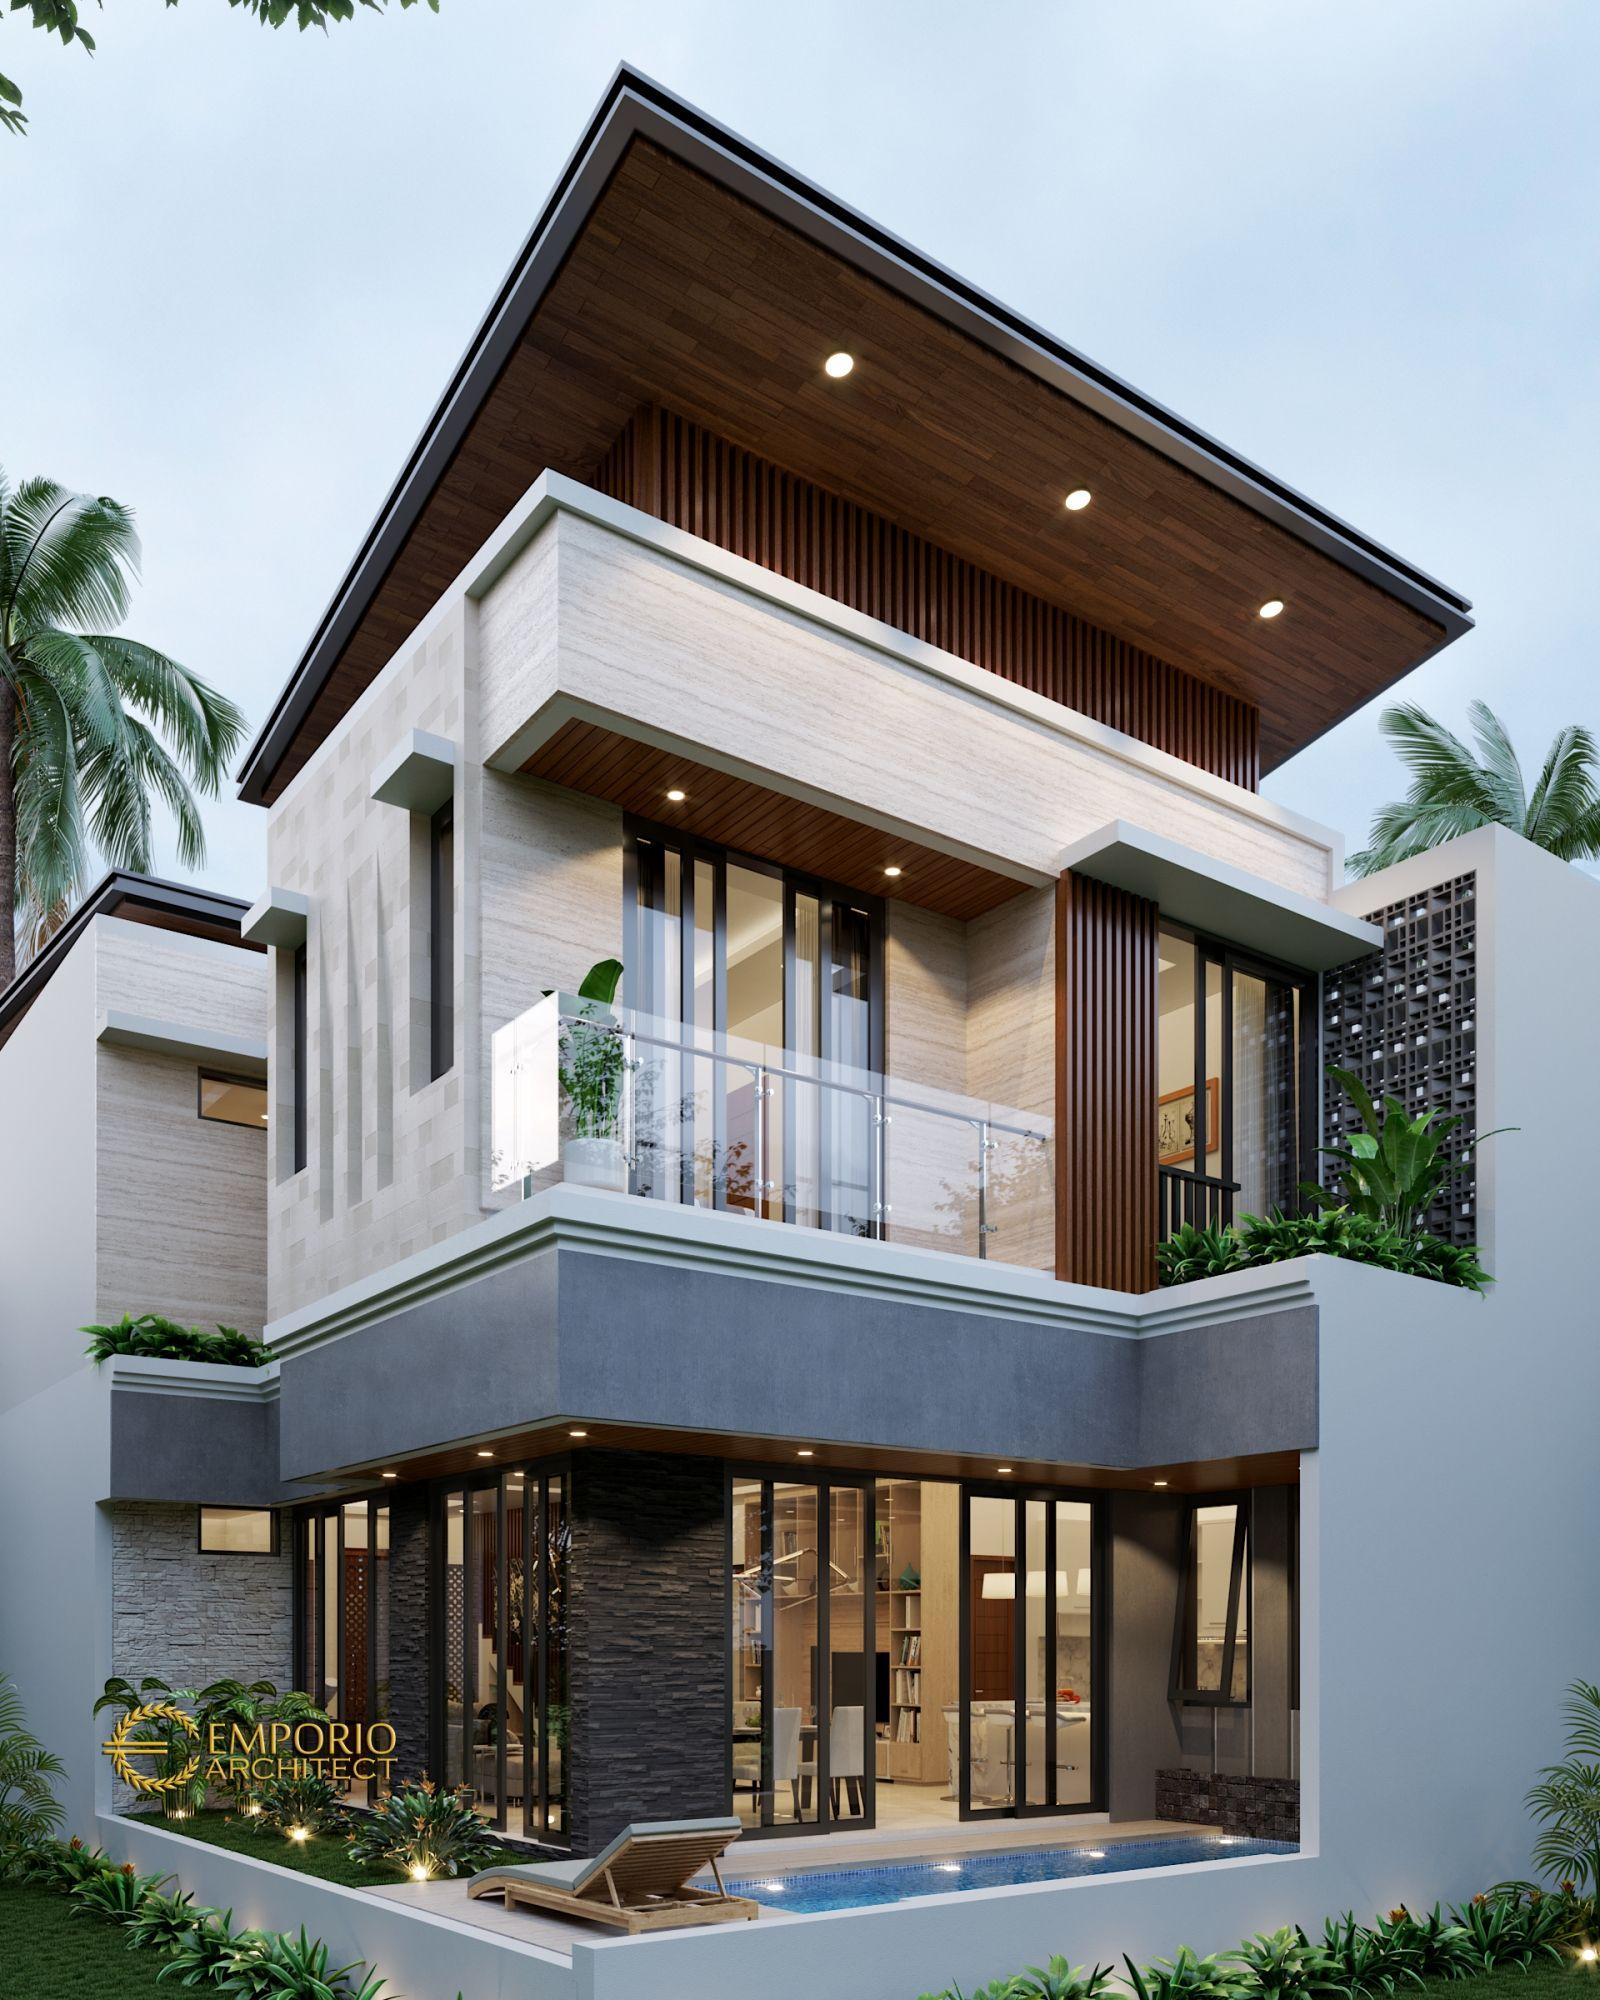 Jasa Arsitek Jakarta Timur Cipayung Desain Rumah Bapak Boyke Desain Rumah Bungalow Desain Rumah 2 Lantai Desain Rumah Kontemporer